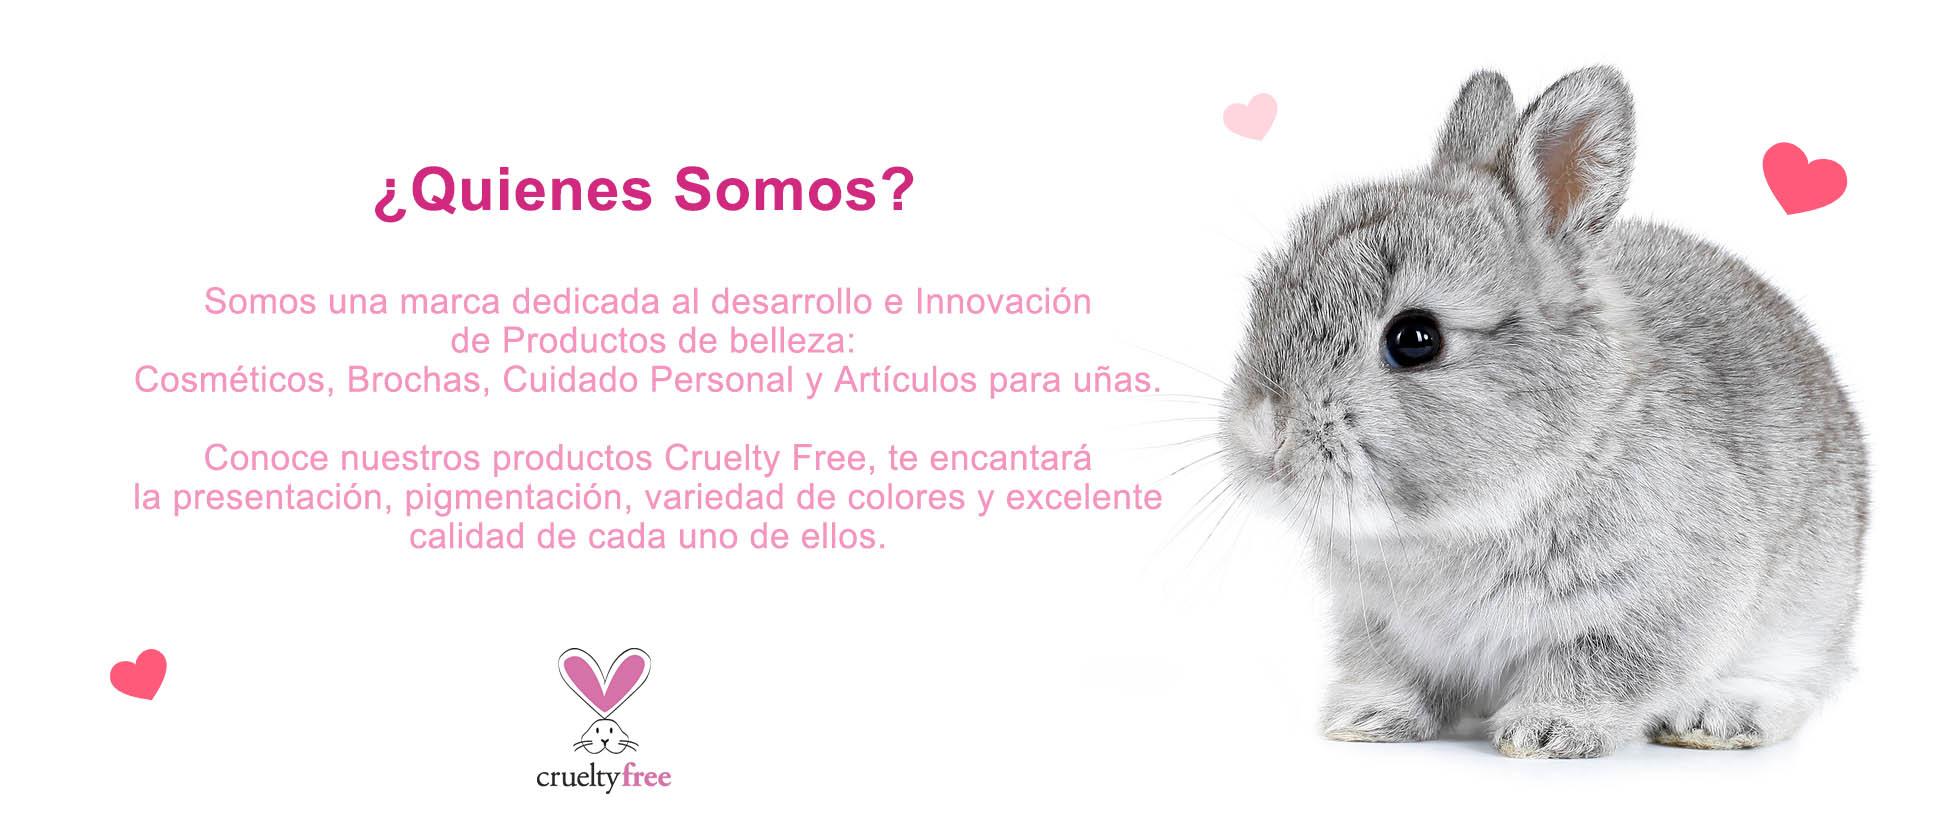 Amamos a los conejitos 🐰